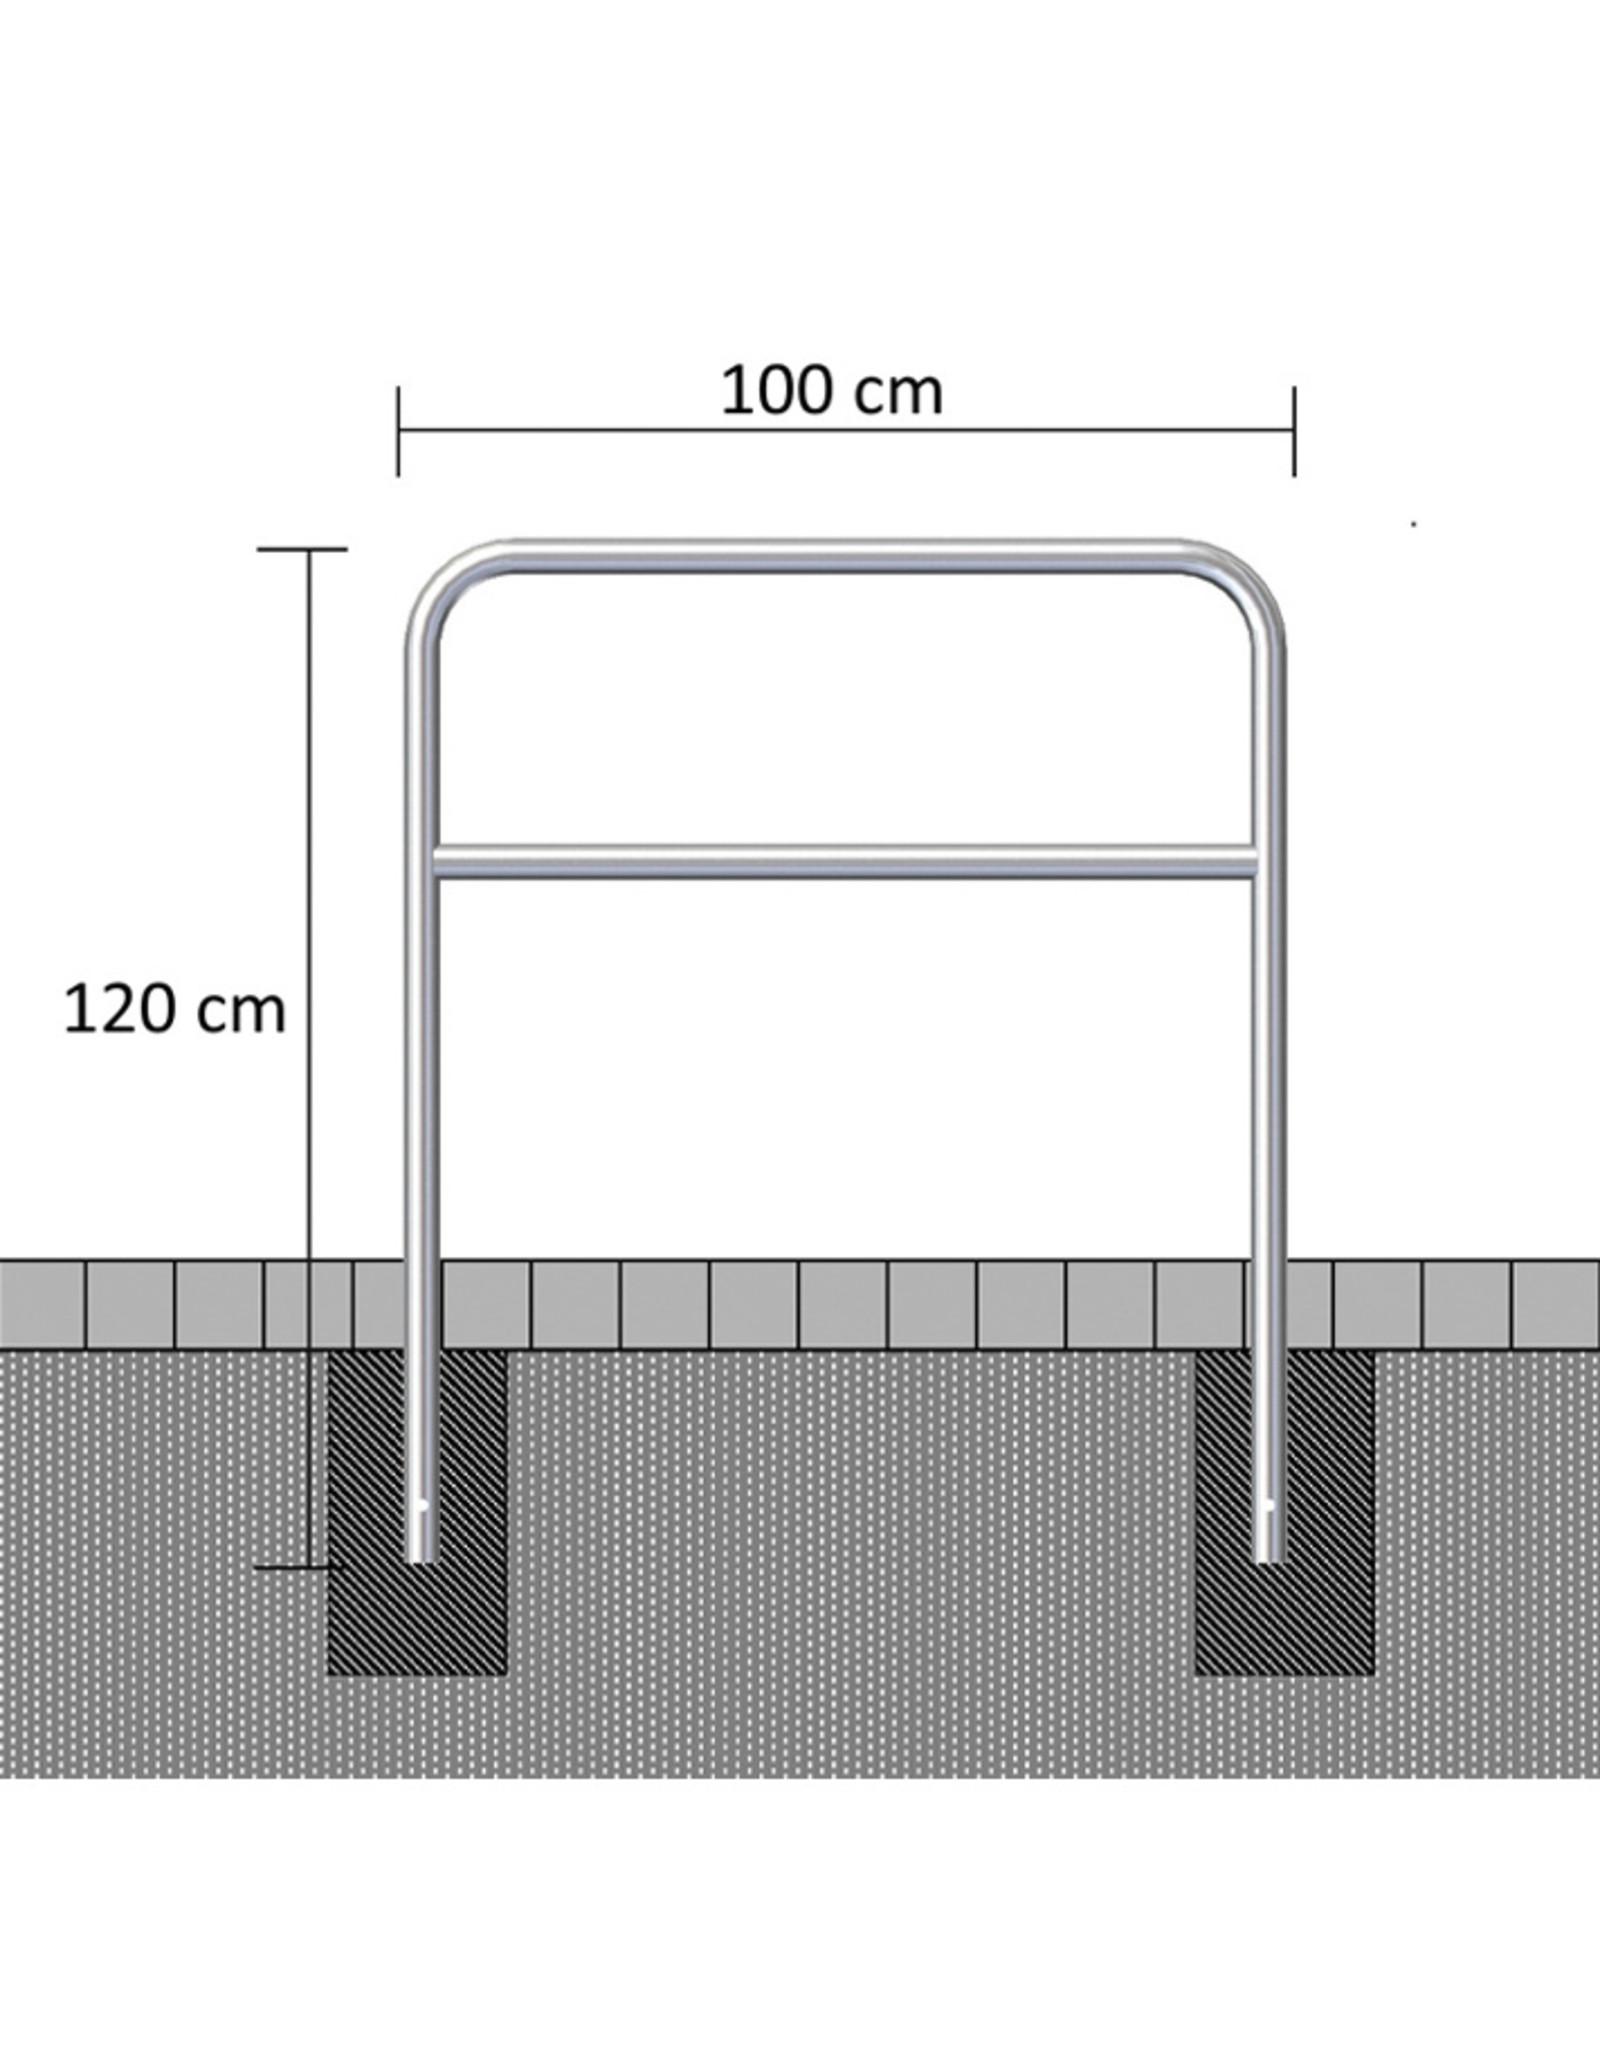 Ri-Traffic | Sluishekken Staal Gegalvaniseerd 100 cm x 120 cm